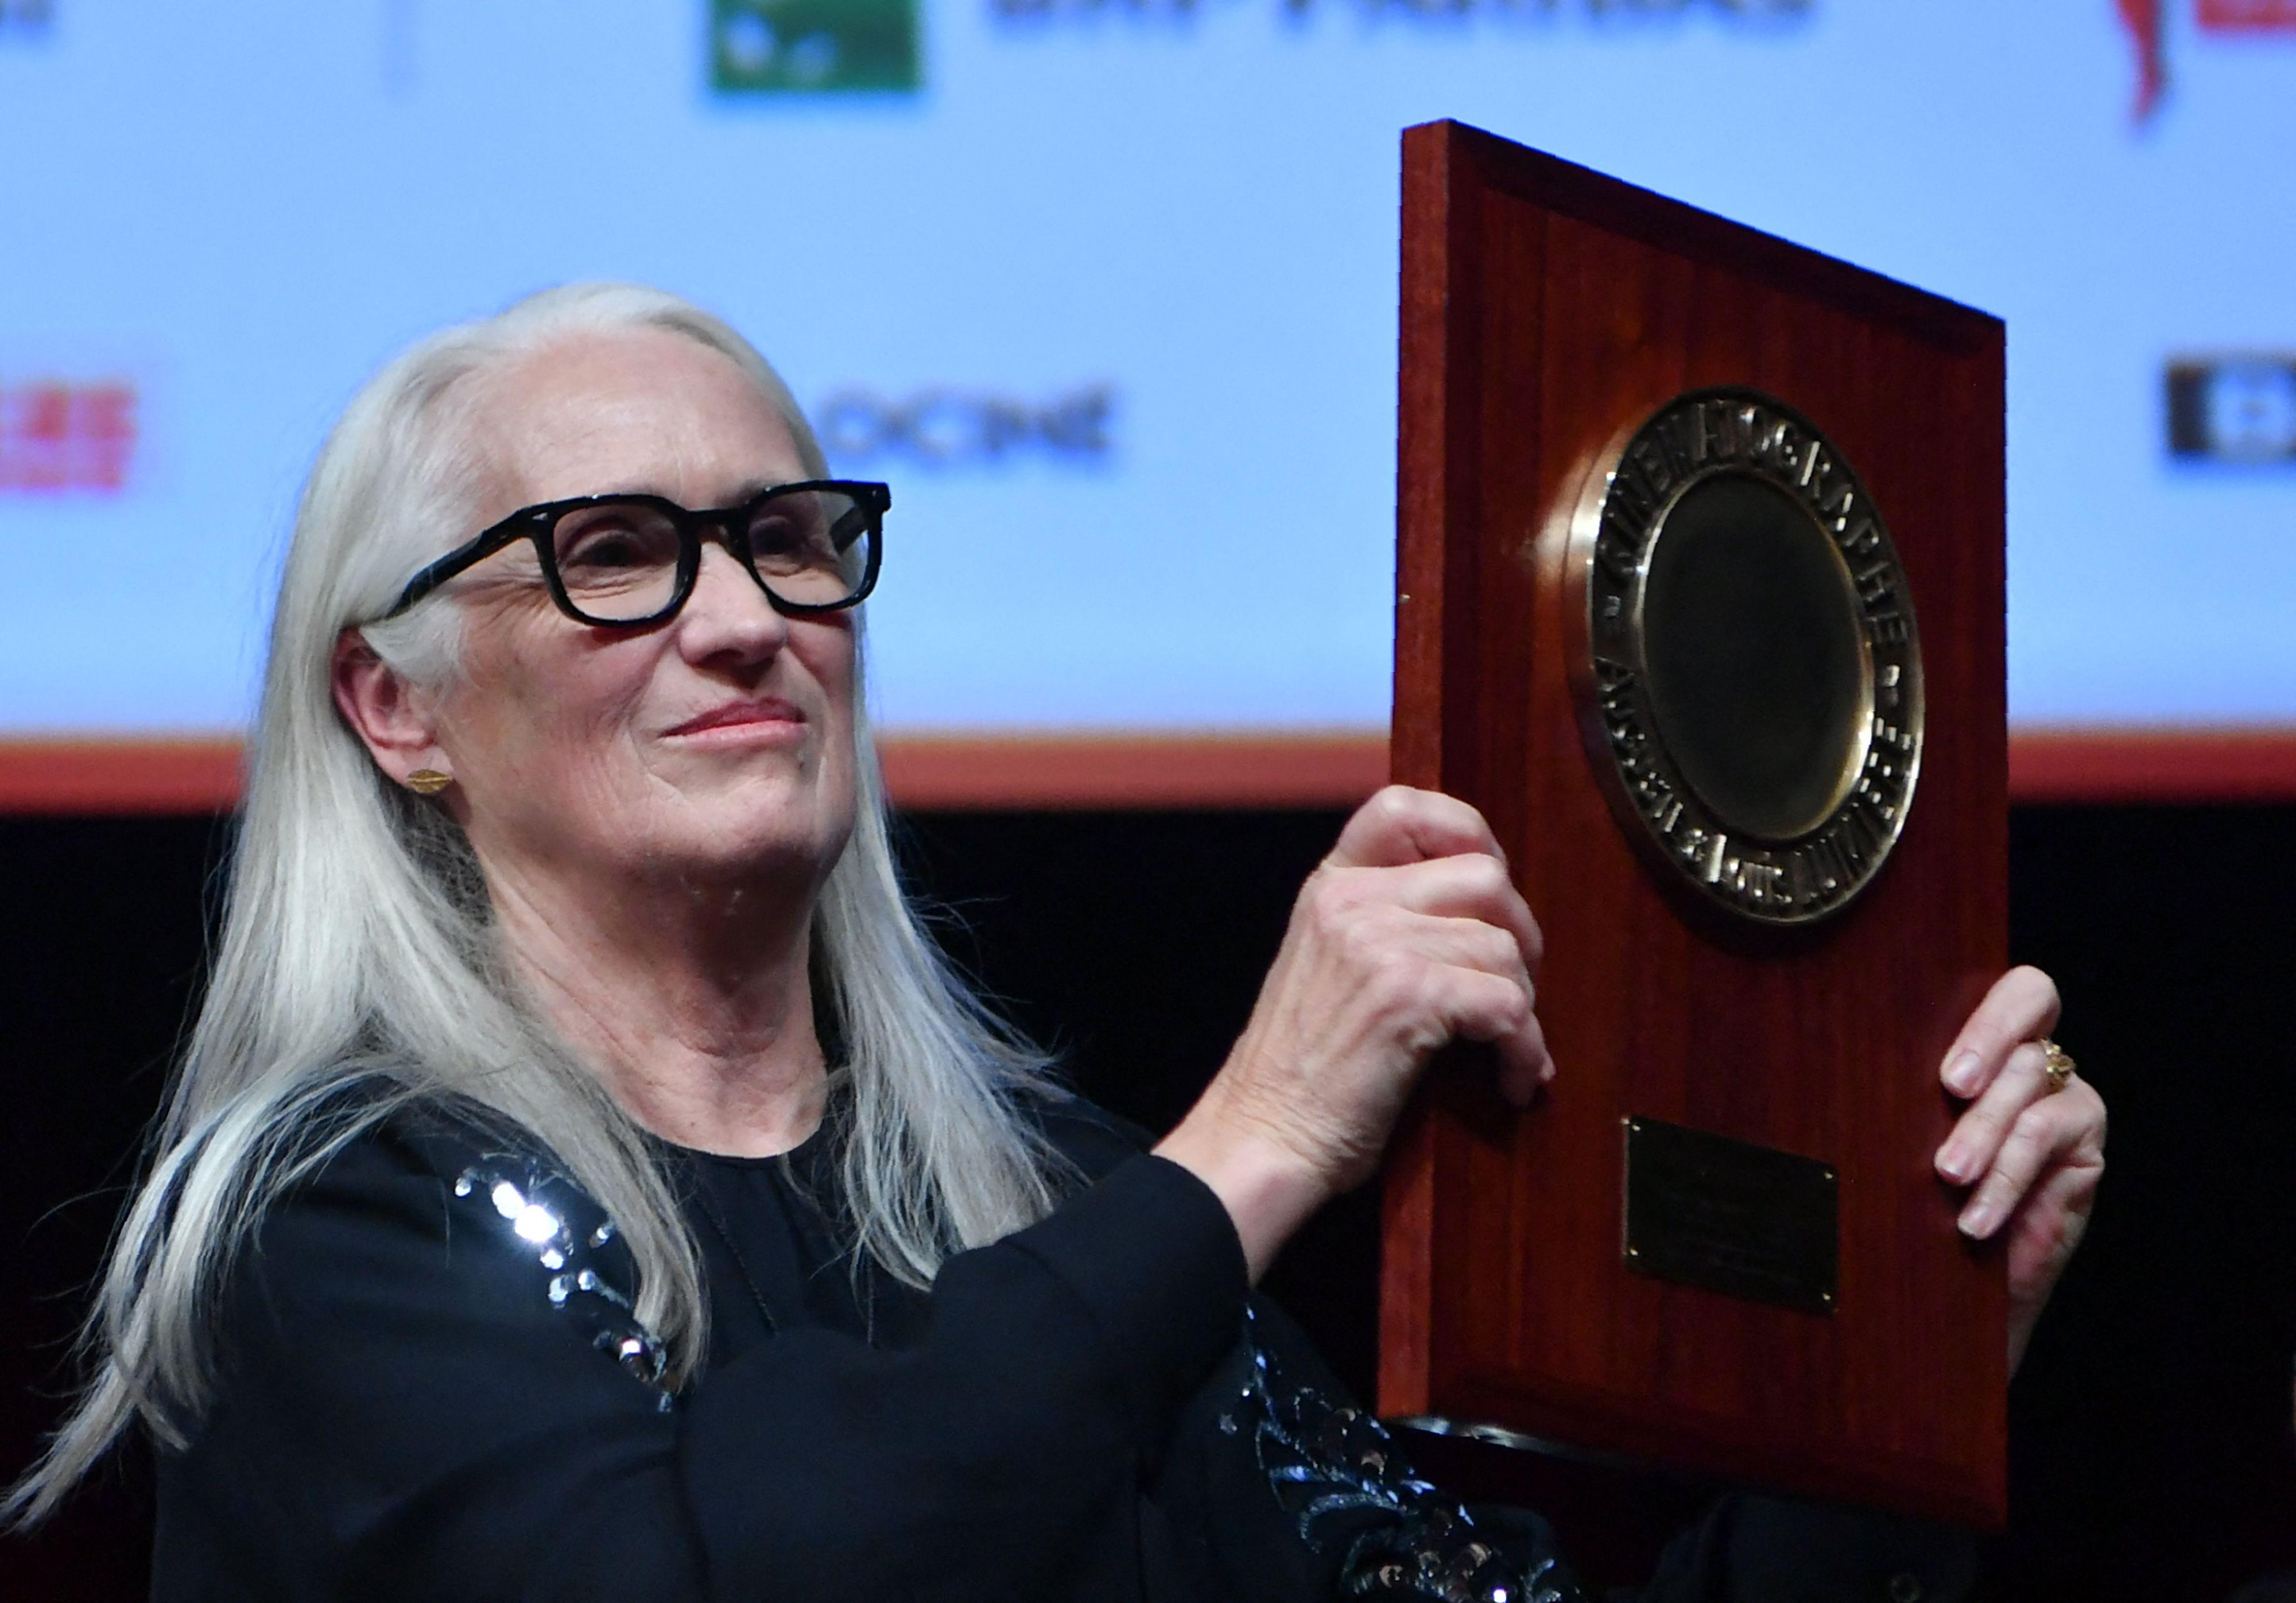 La directora neozelandesa Jane Campion celebra el premio Lumiere durante la ceremonia del Festival de cine Lumiere, en Lyon, centro-este de Francia, el 15 de octubre de 2021.